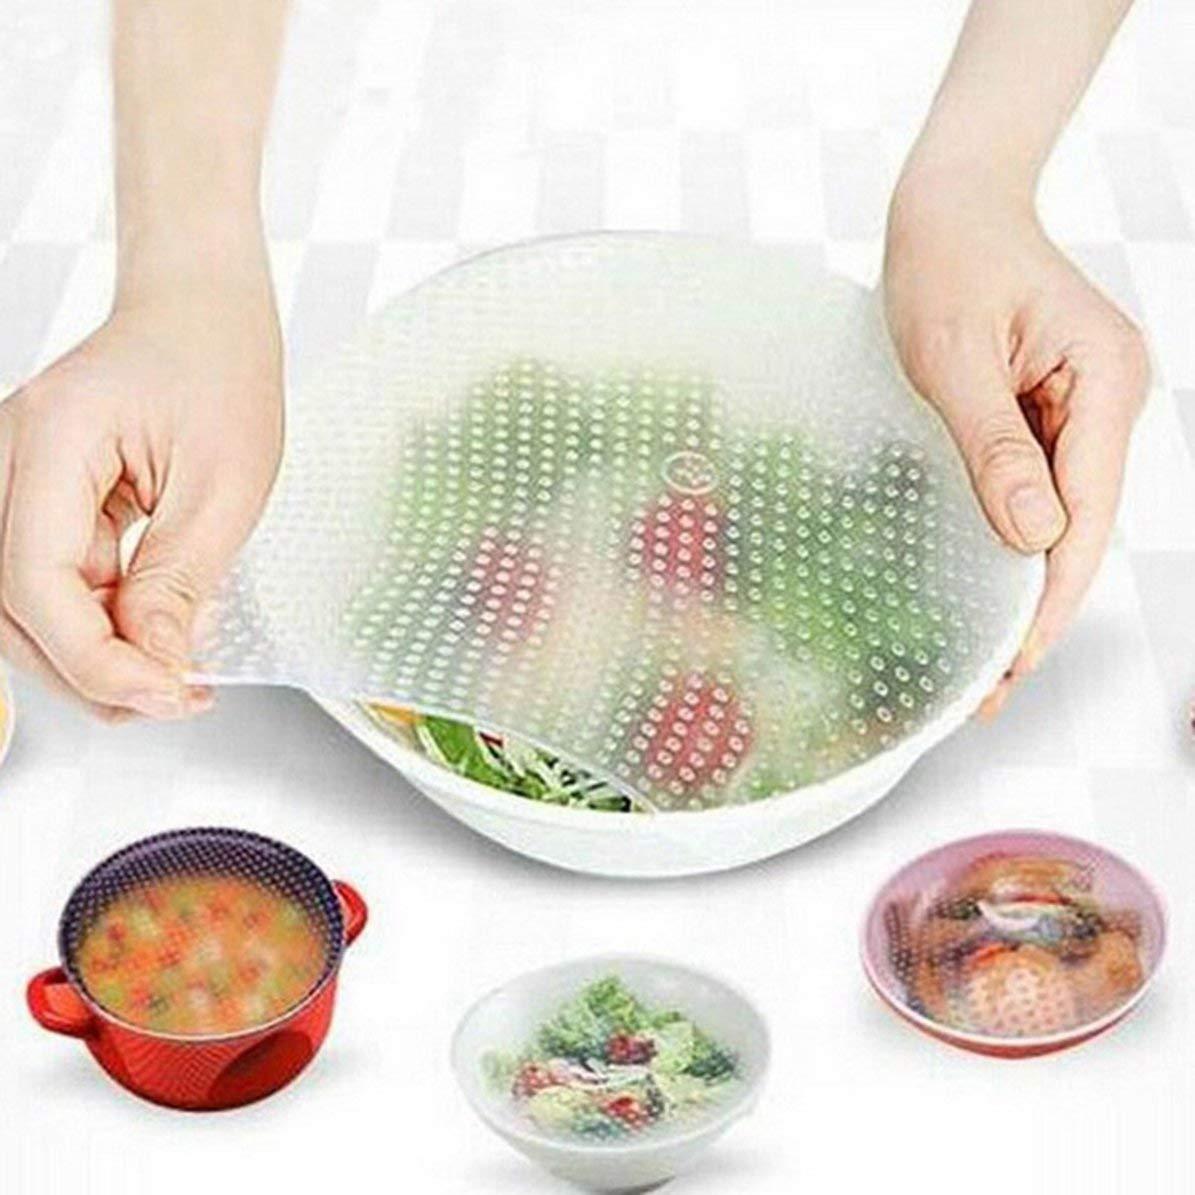 4 Piezas sellada y Limpia Ambiental Plateada, WEIWEITOE Tapa de Silicona Multifuncional sellada y Envuelta para Alimentos de Silicona